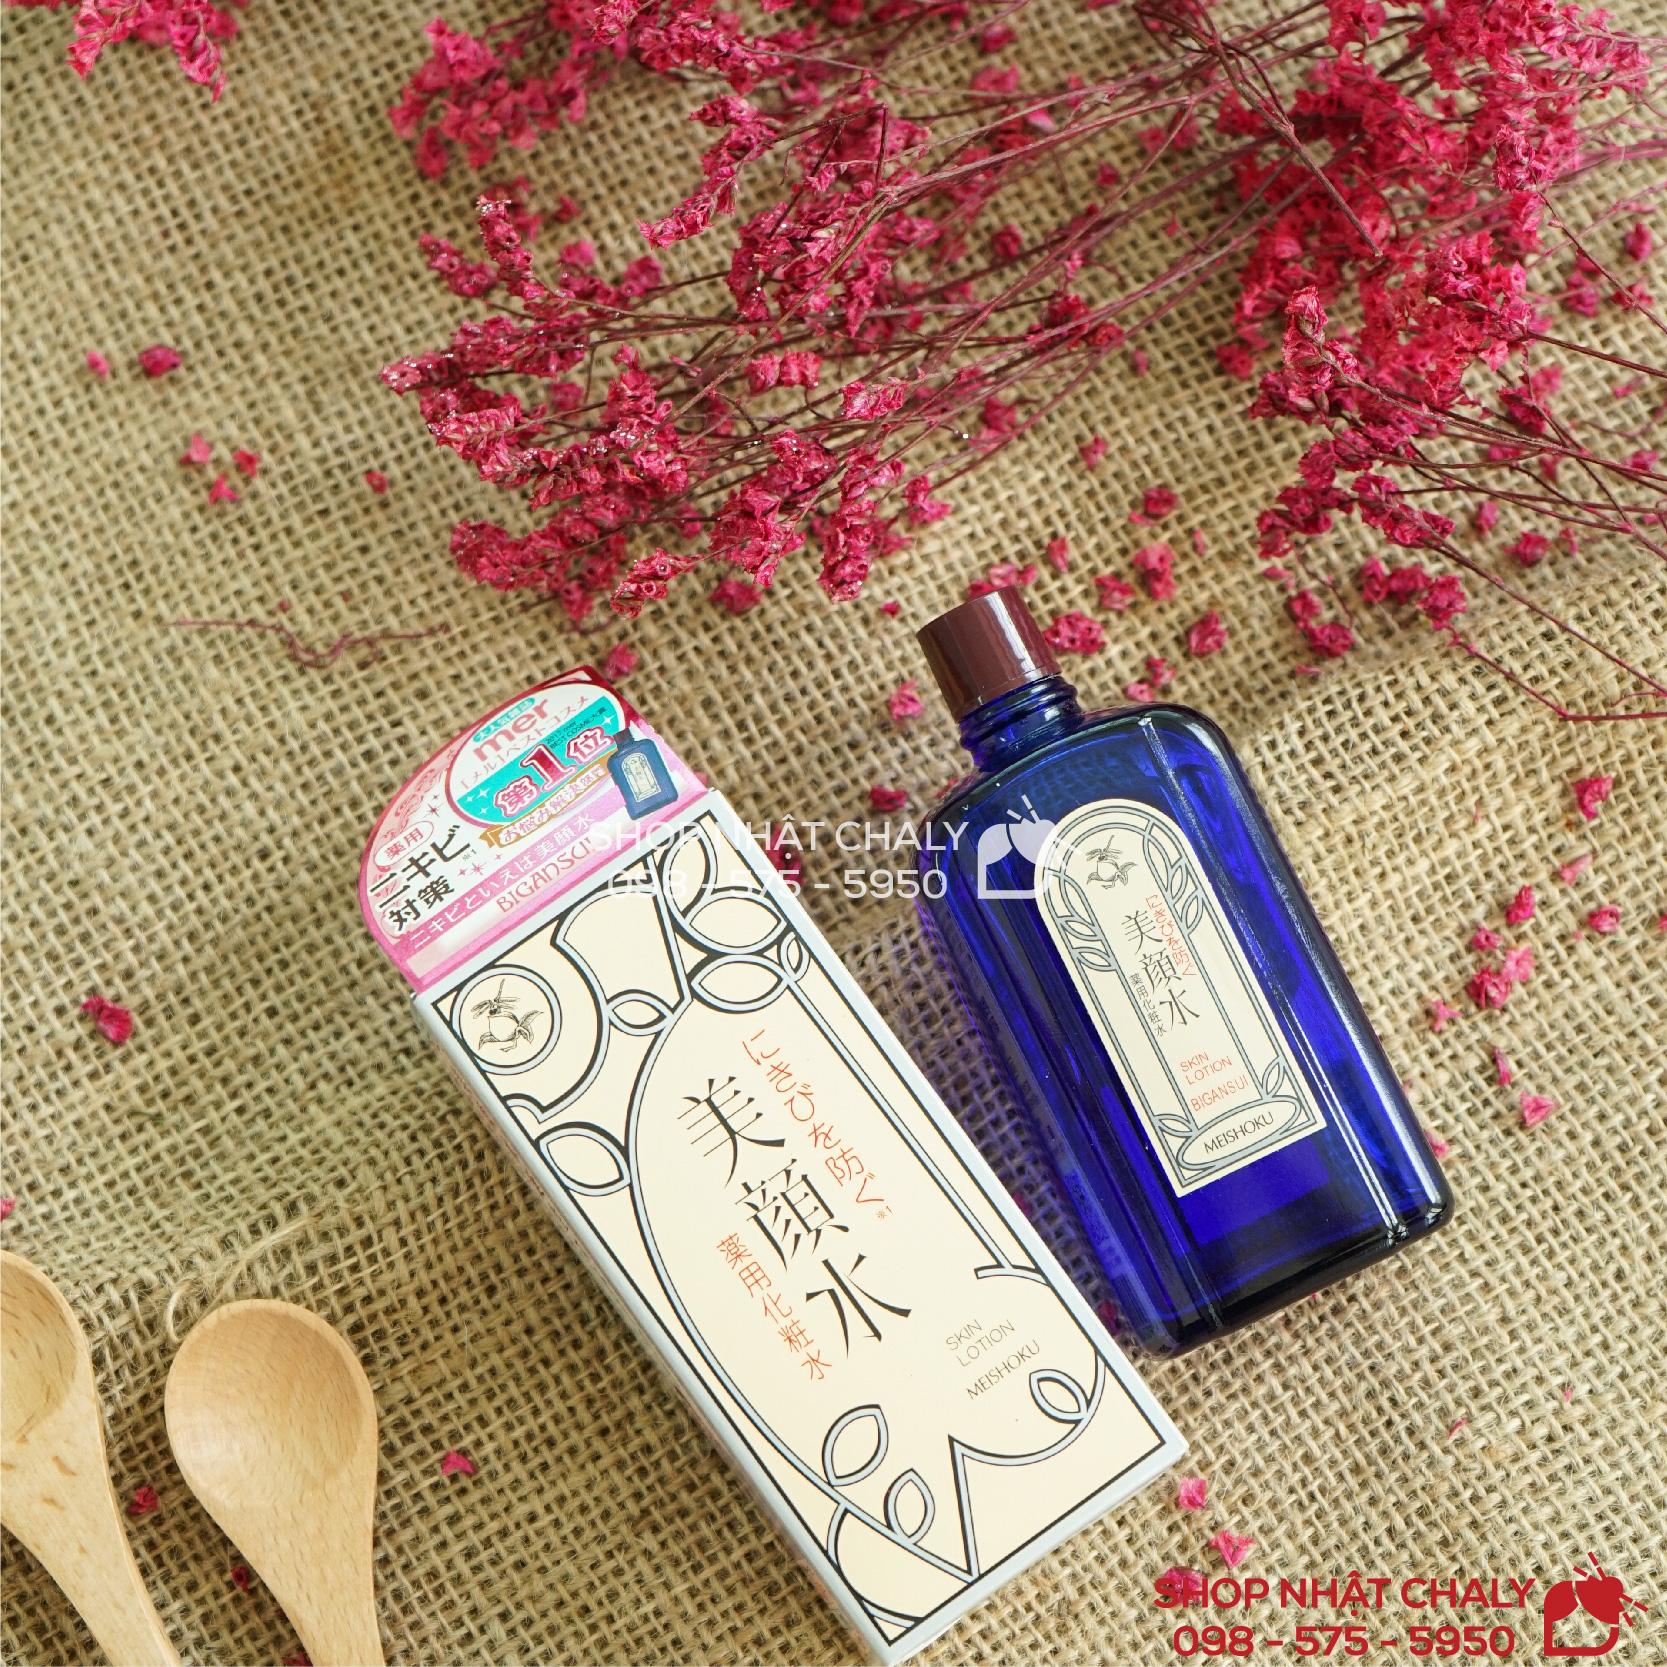 Nước hoa hồng trị mụn thần thánh của Nhật Skin Lotion Bigansui Medicated 90ml được với hàng nghìn review trên Cosme, luôn đứng số 1 Cosme về nước hoa hồng trị mụn